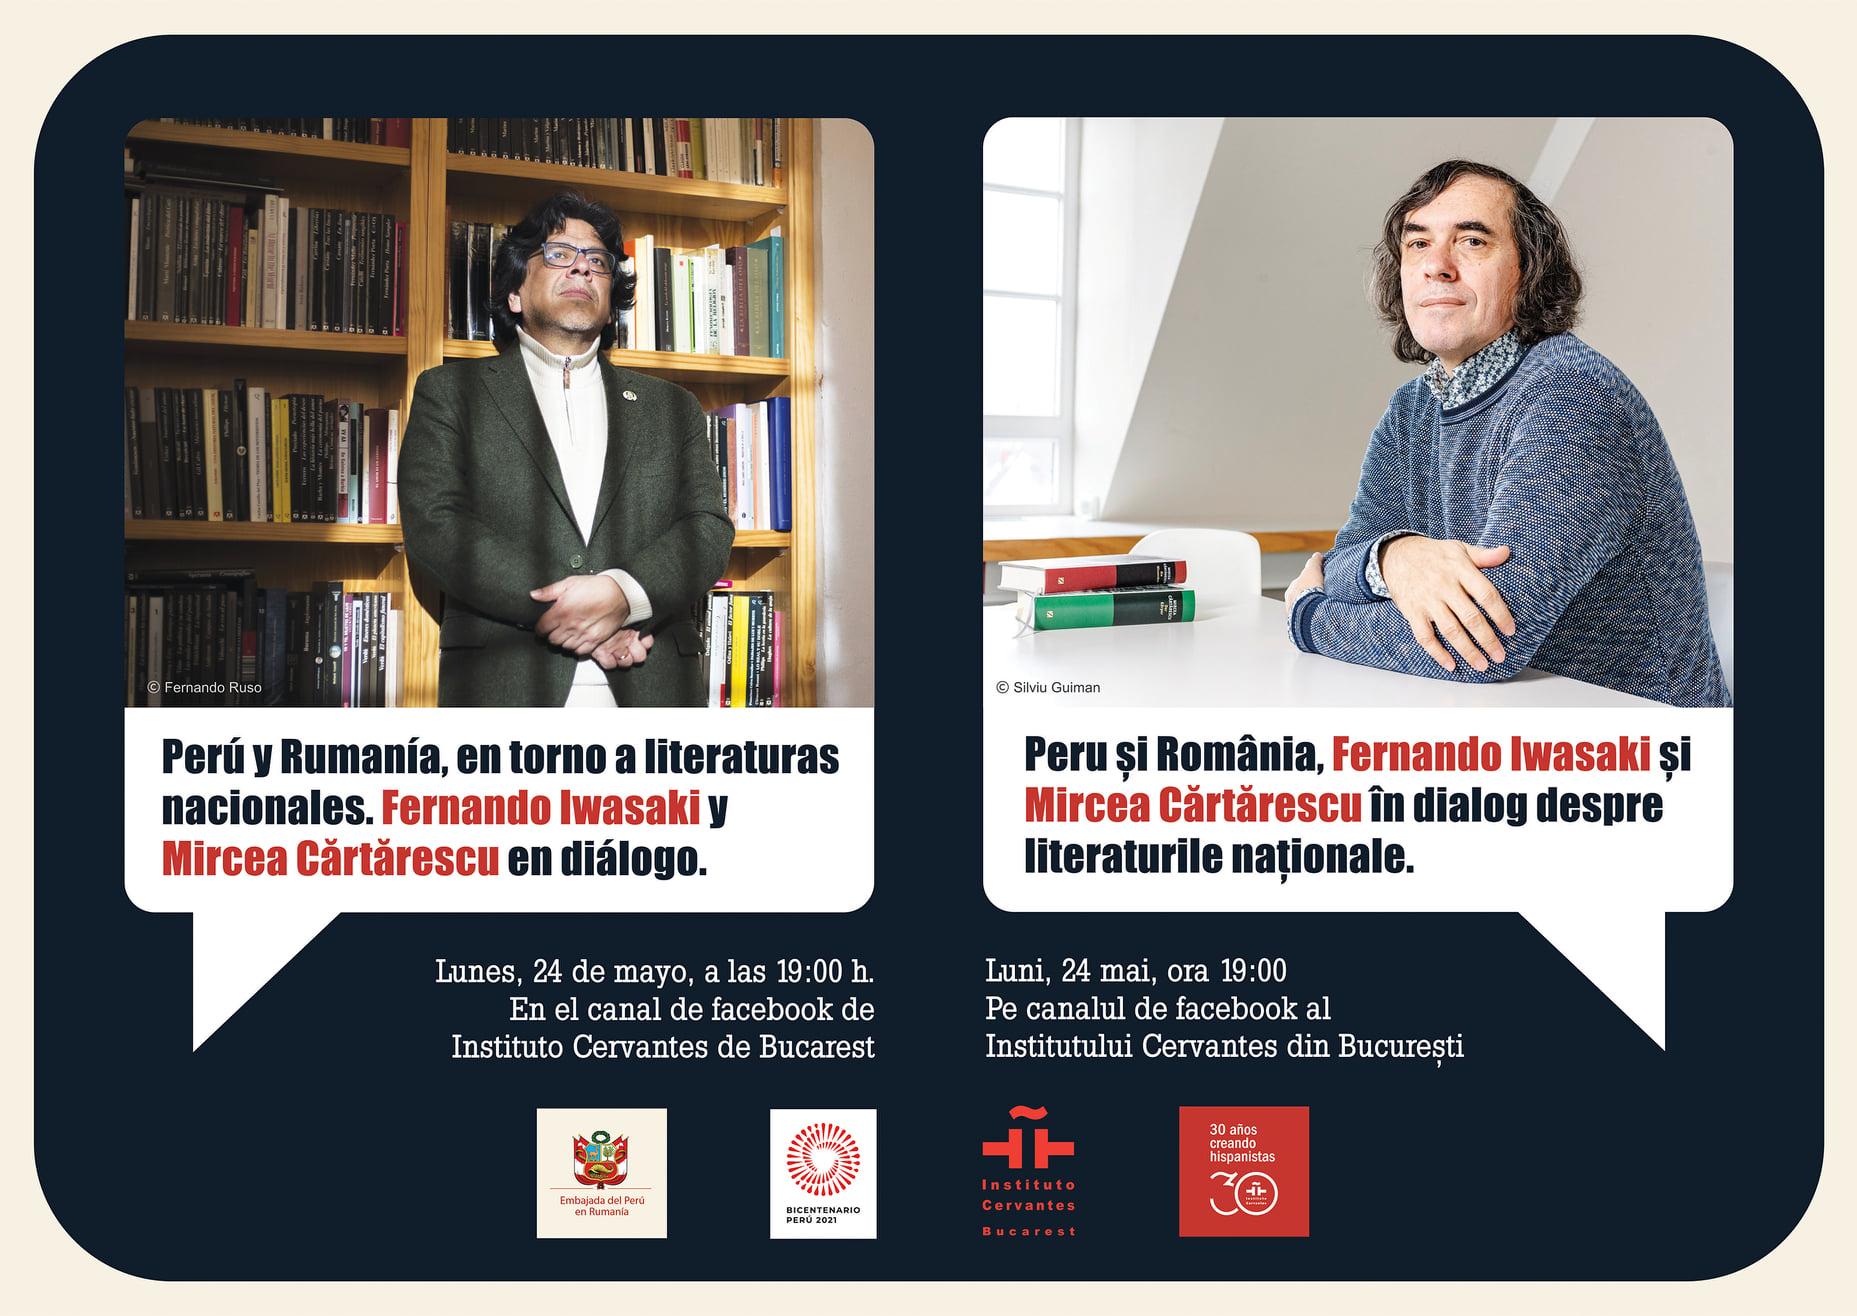 dialogo-entre-escritores-fernando-iwasaki-y-mircea-cartarescu